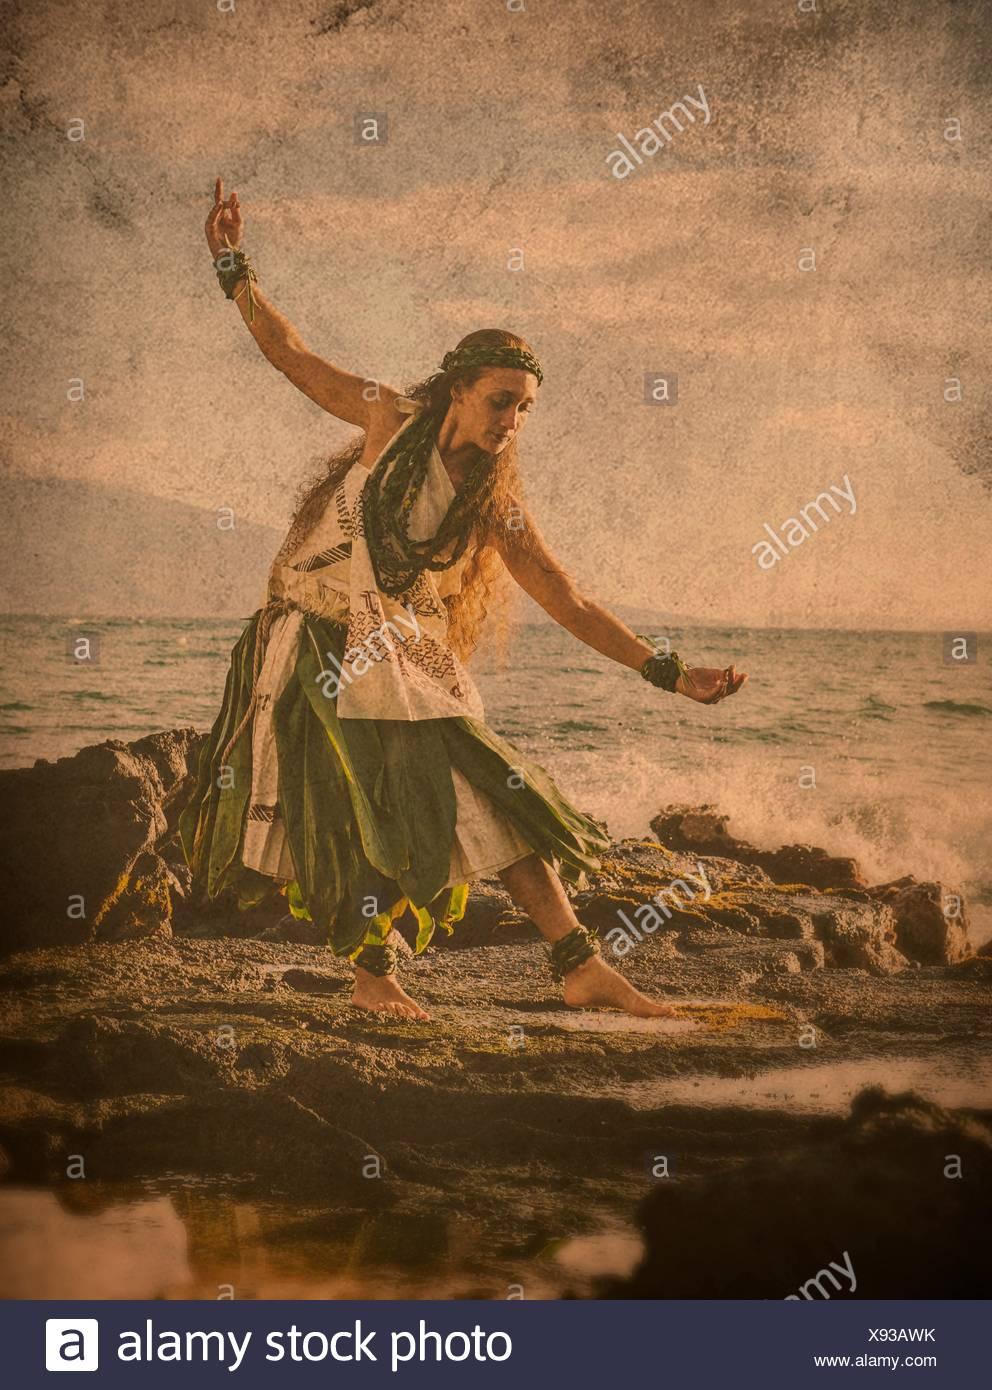 Immagine avanzata di donna hula sulle rocce costiere indossando il costume tradizionale, Maui, Hawaii, STATI UNITI D'AMERICA Immagini Stock